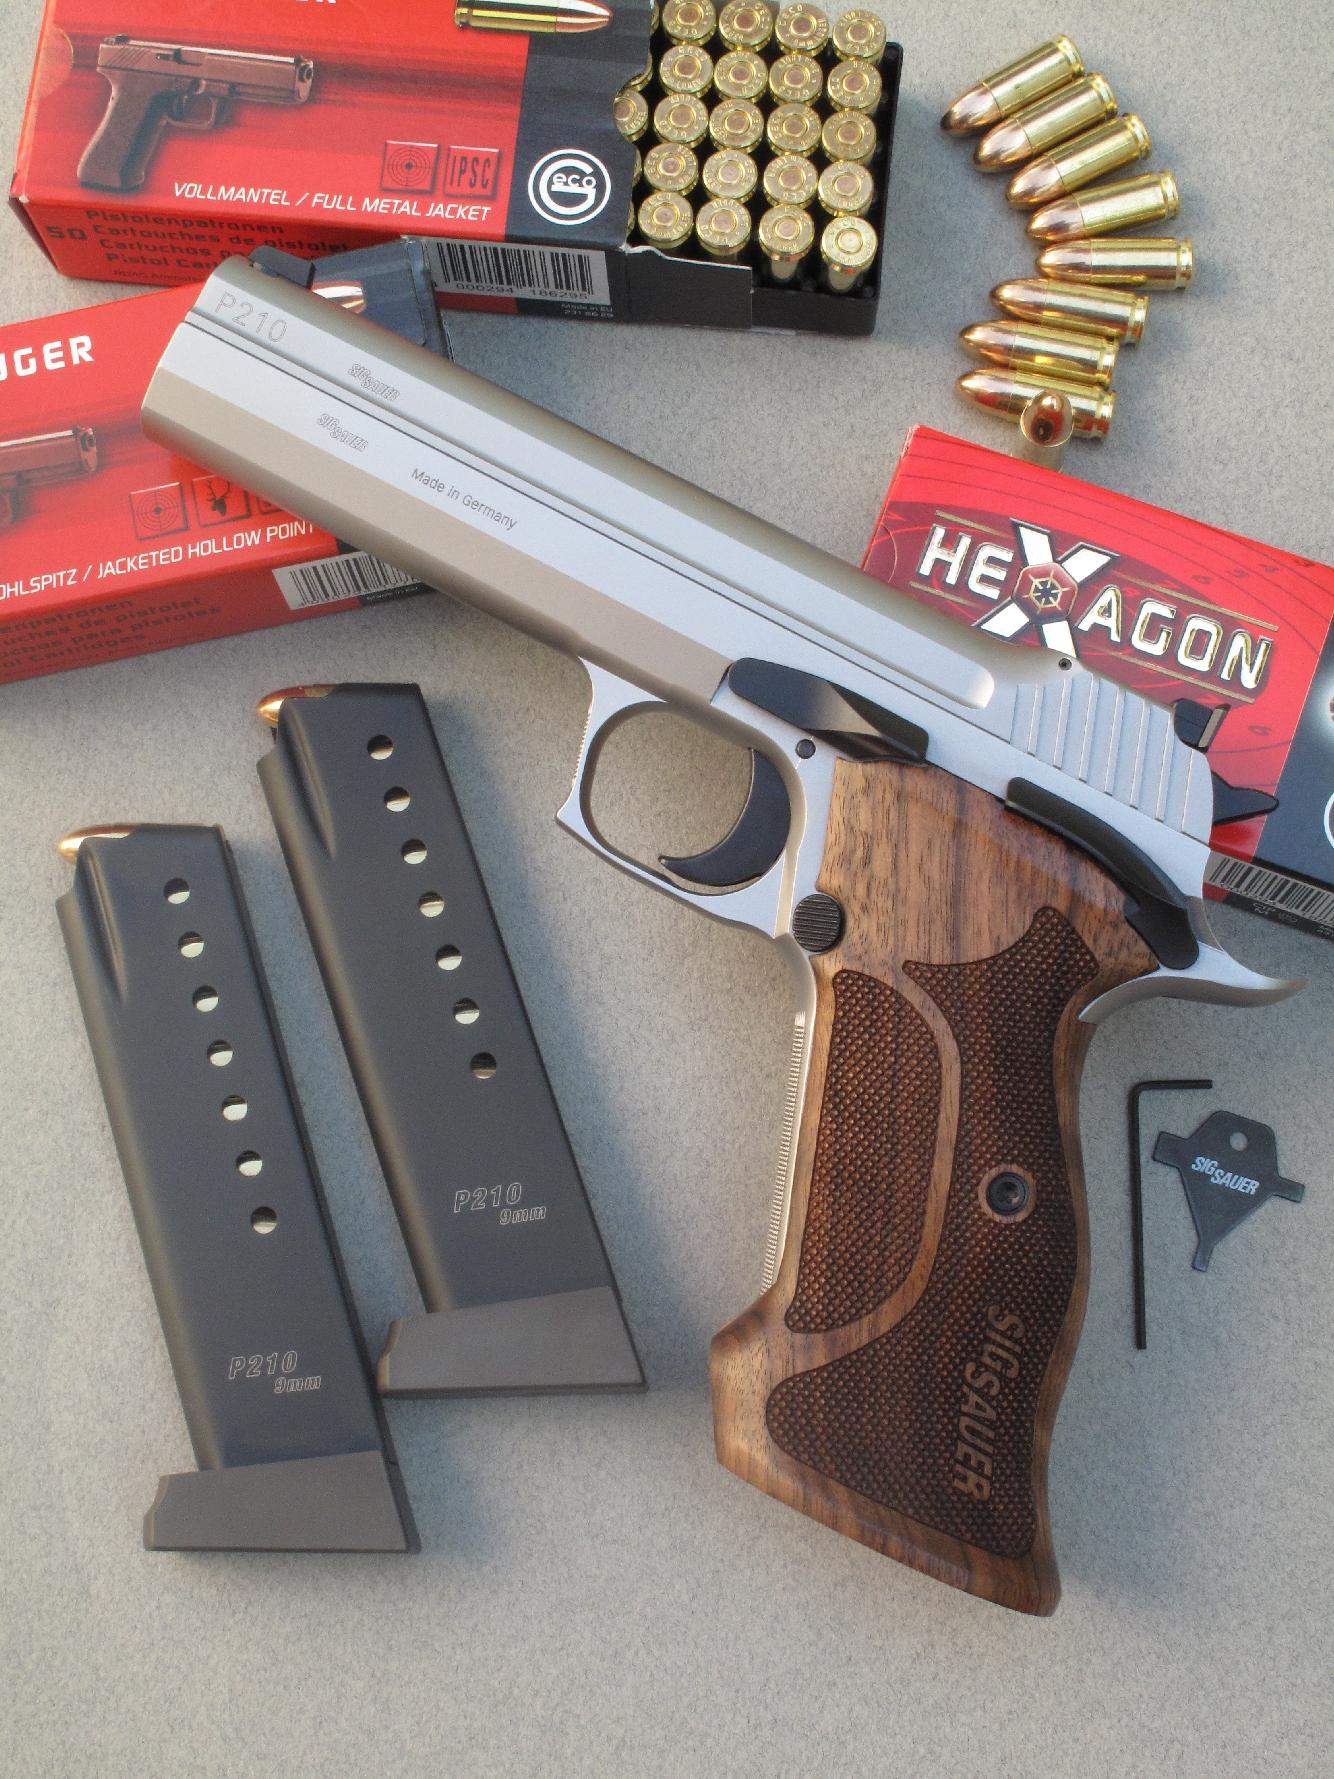 Le pistolet SIG-Sauer P210 Super Target est accompagnée ici par ses deux chargeurs de huit coups, par l'outil destiné au réglage de la hausse et par des cartouches manufacturées par la firme allemande Geco.